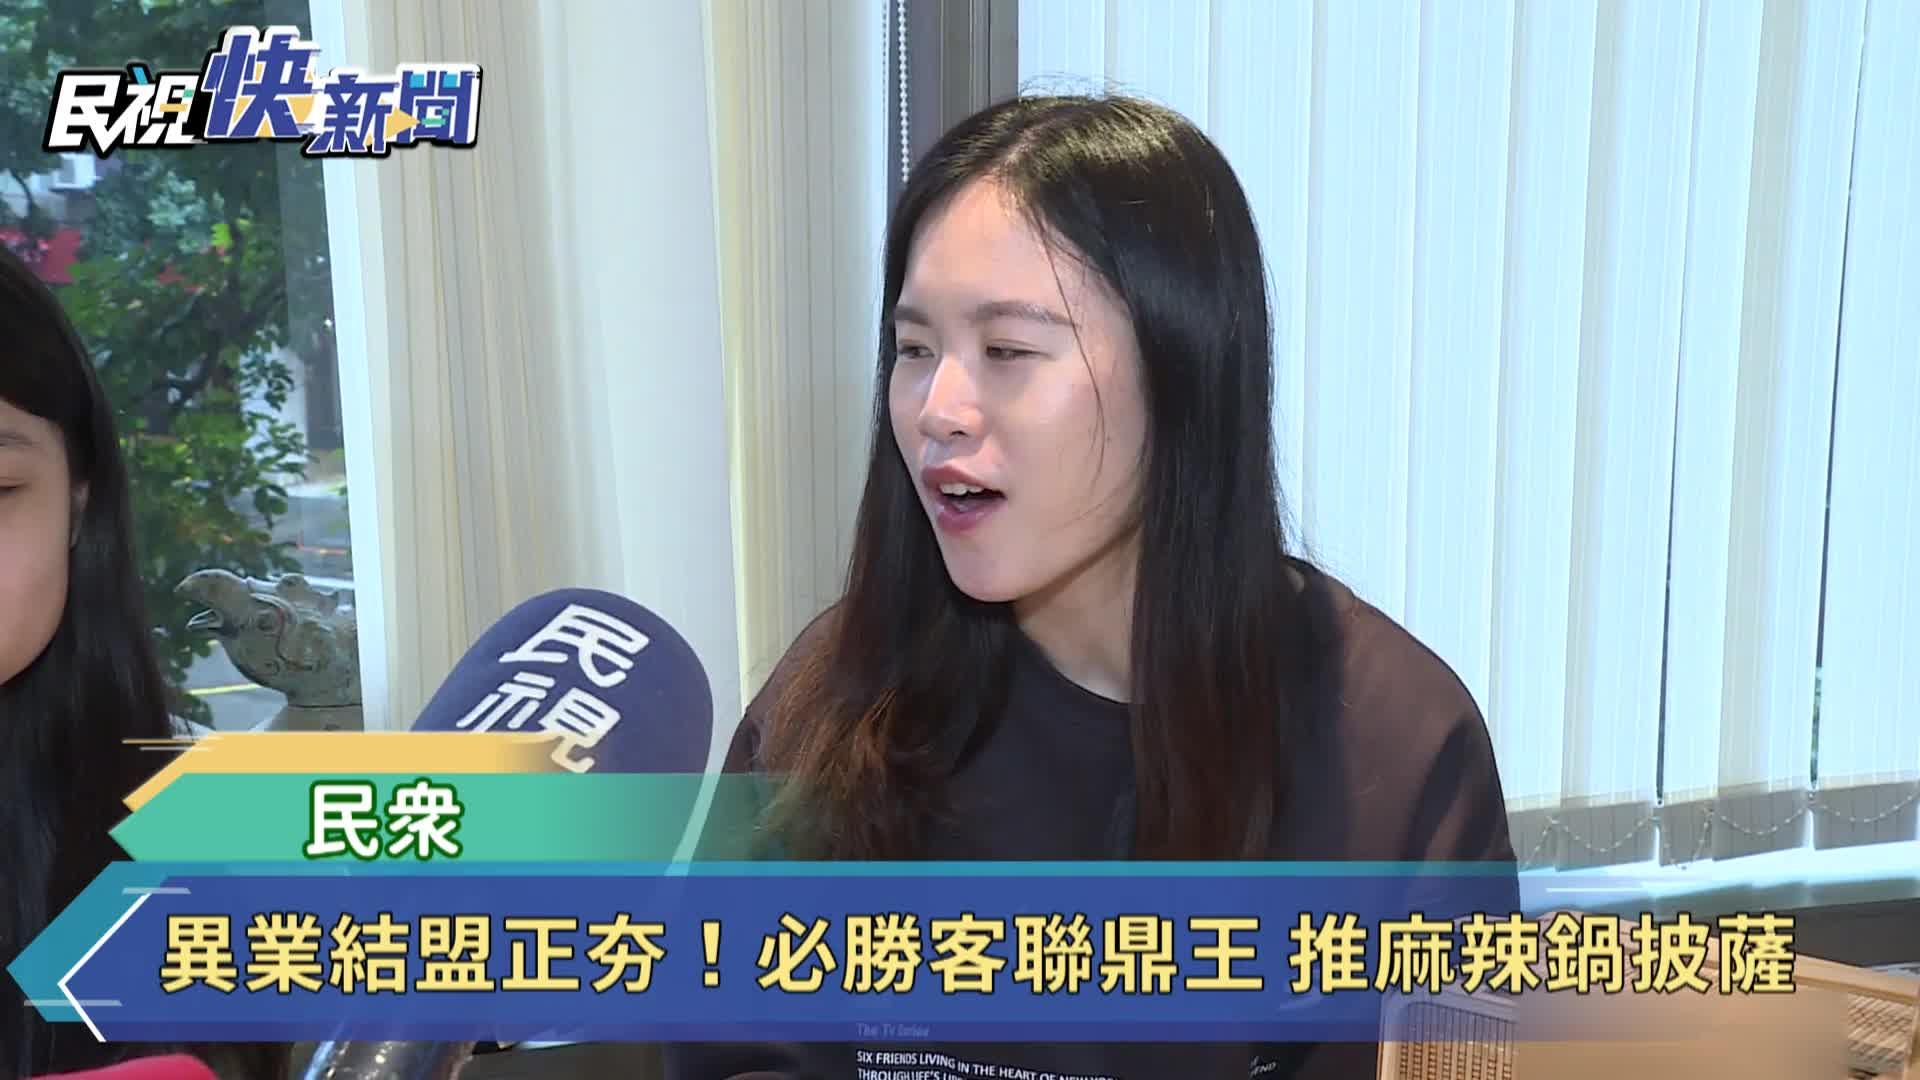 異業結盟正夯!必勝客聯鼎王 推麻辣鍋披薩